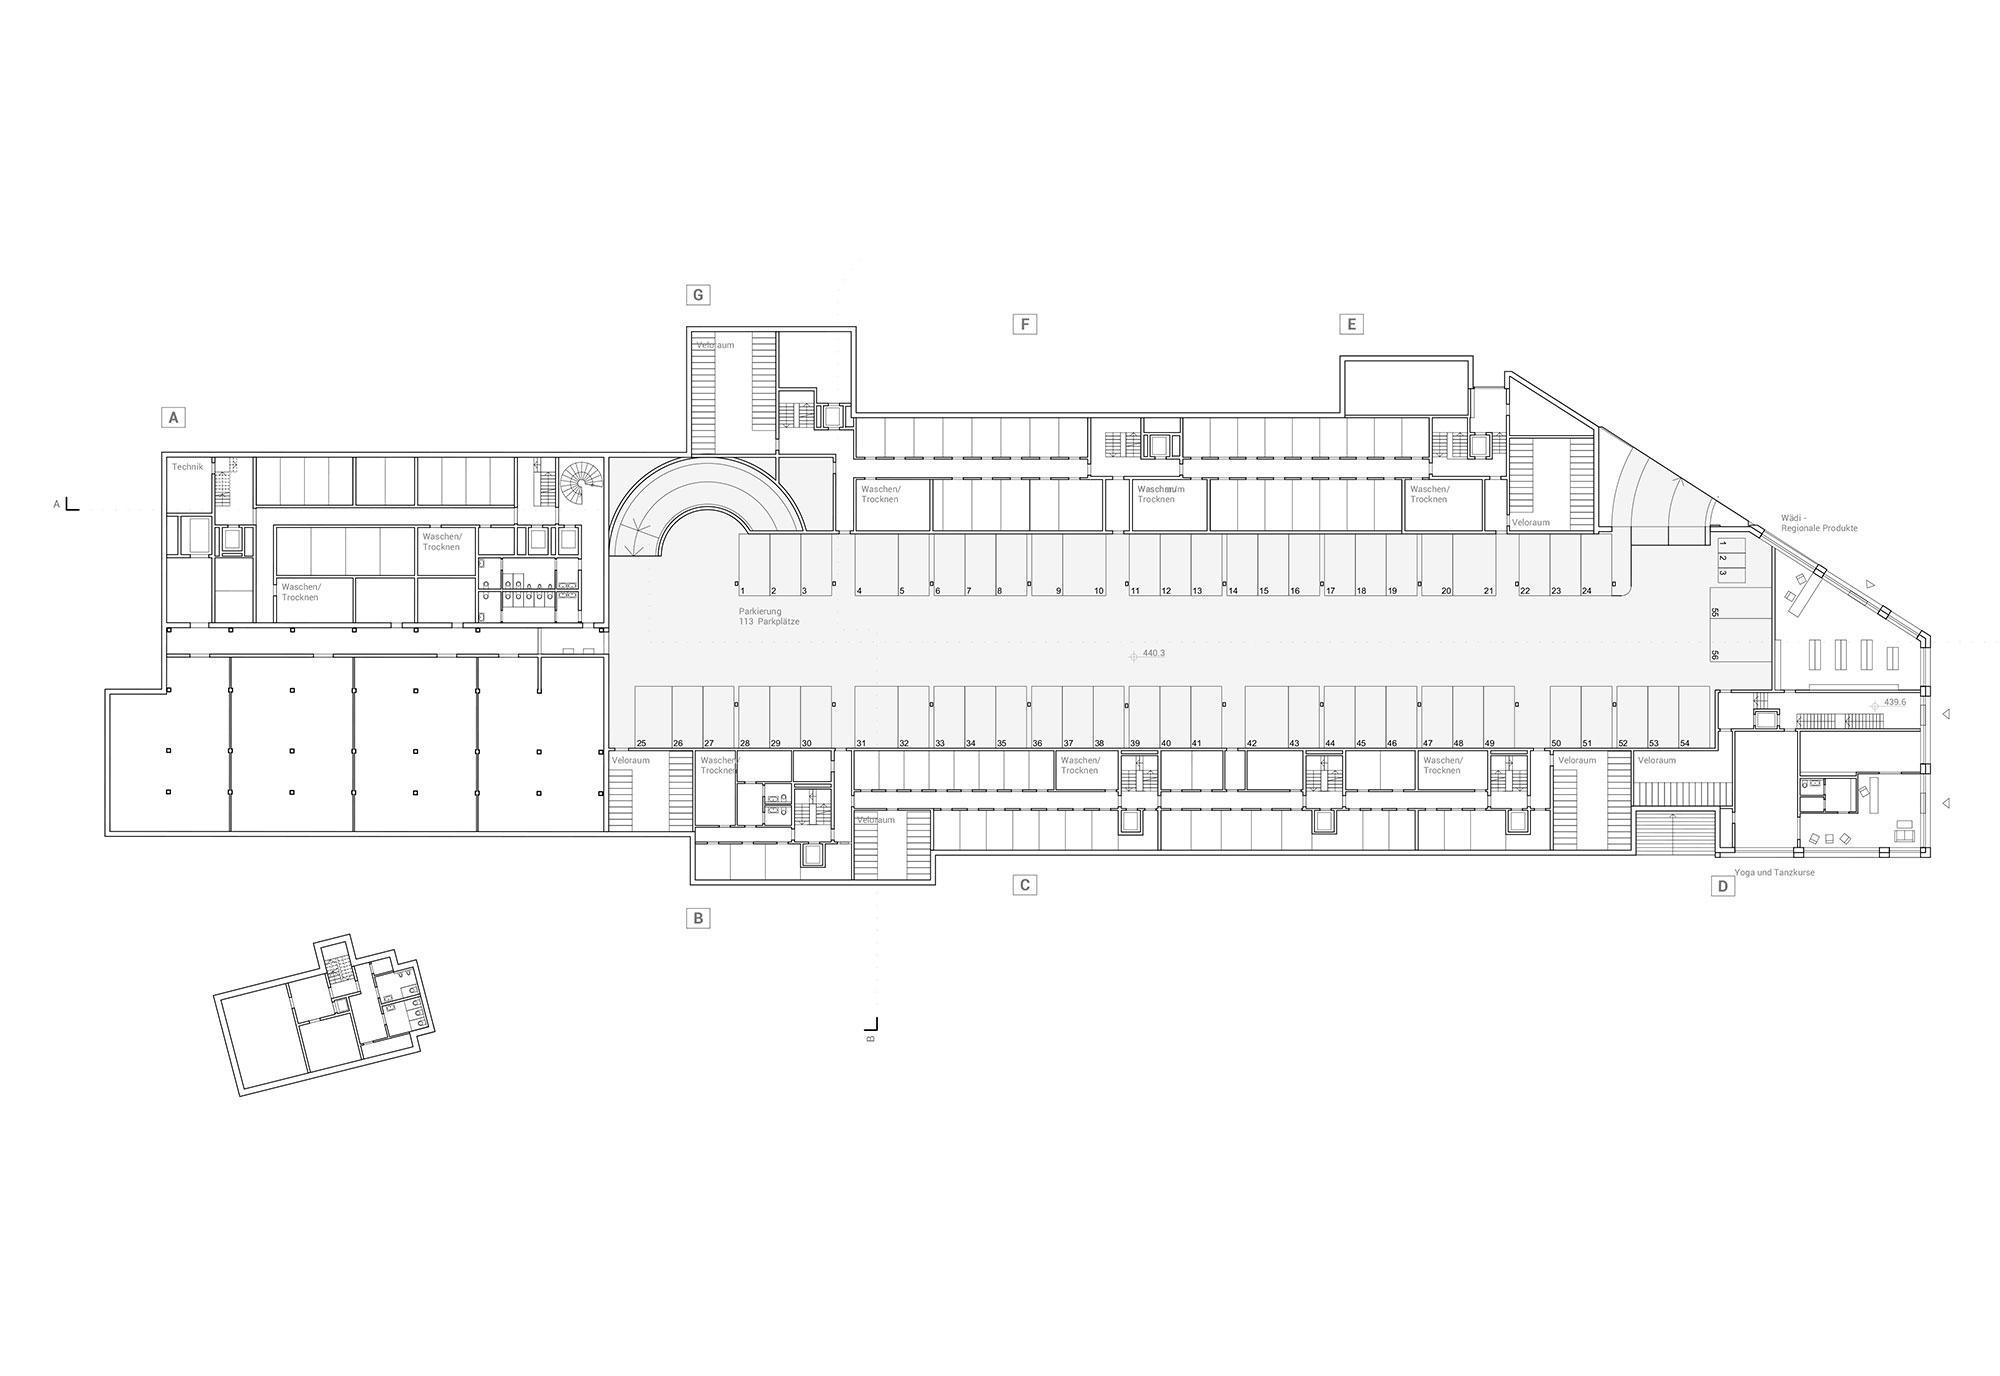 05-hosoya-schaefer-plan.jpg